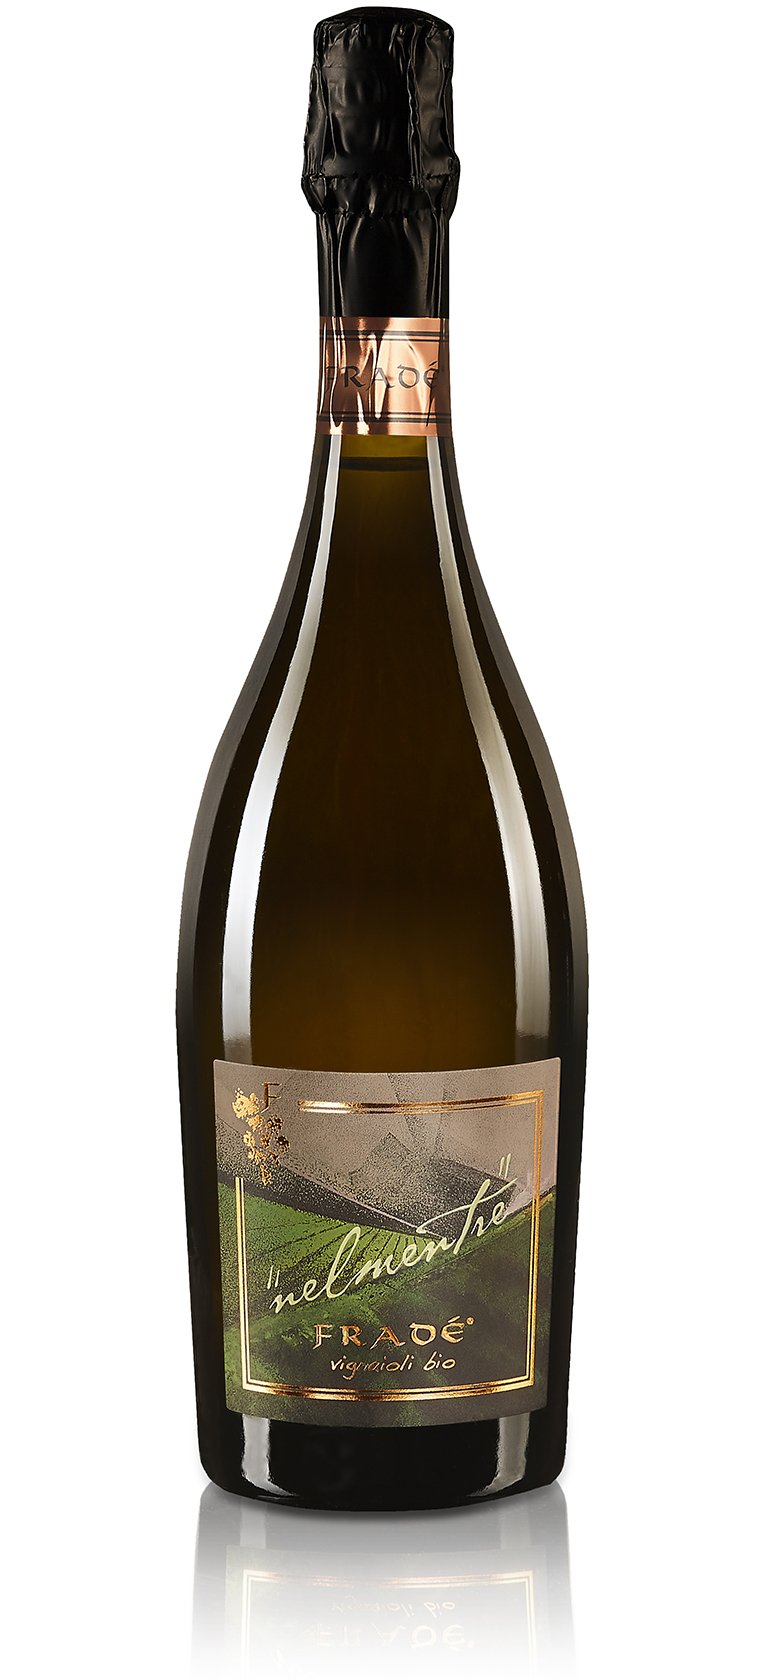 Nelmentre - Fradé Sparkling Wine